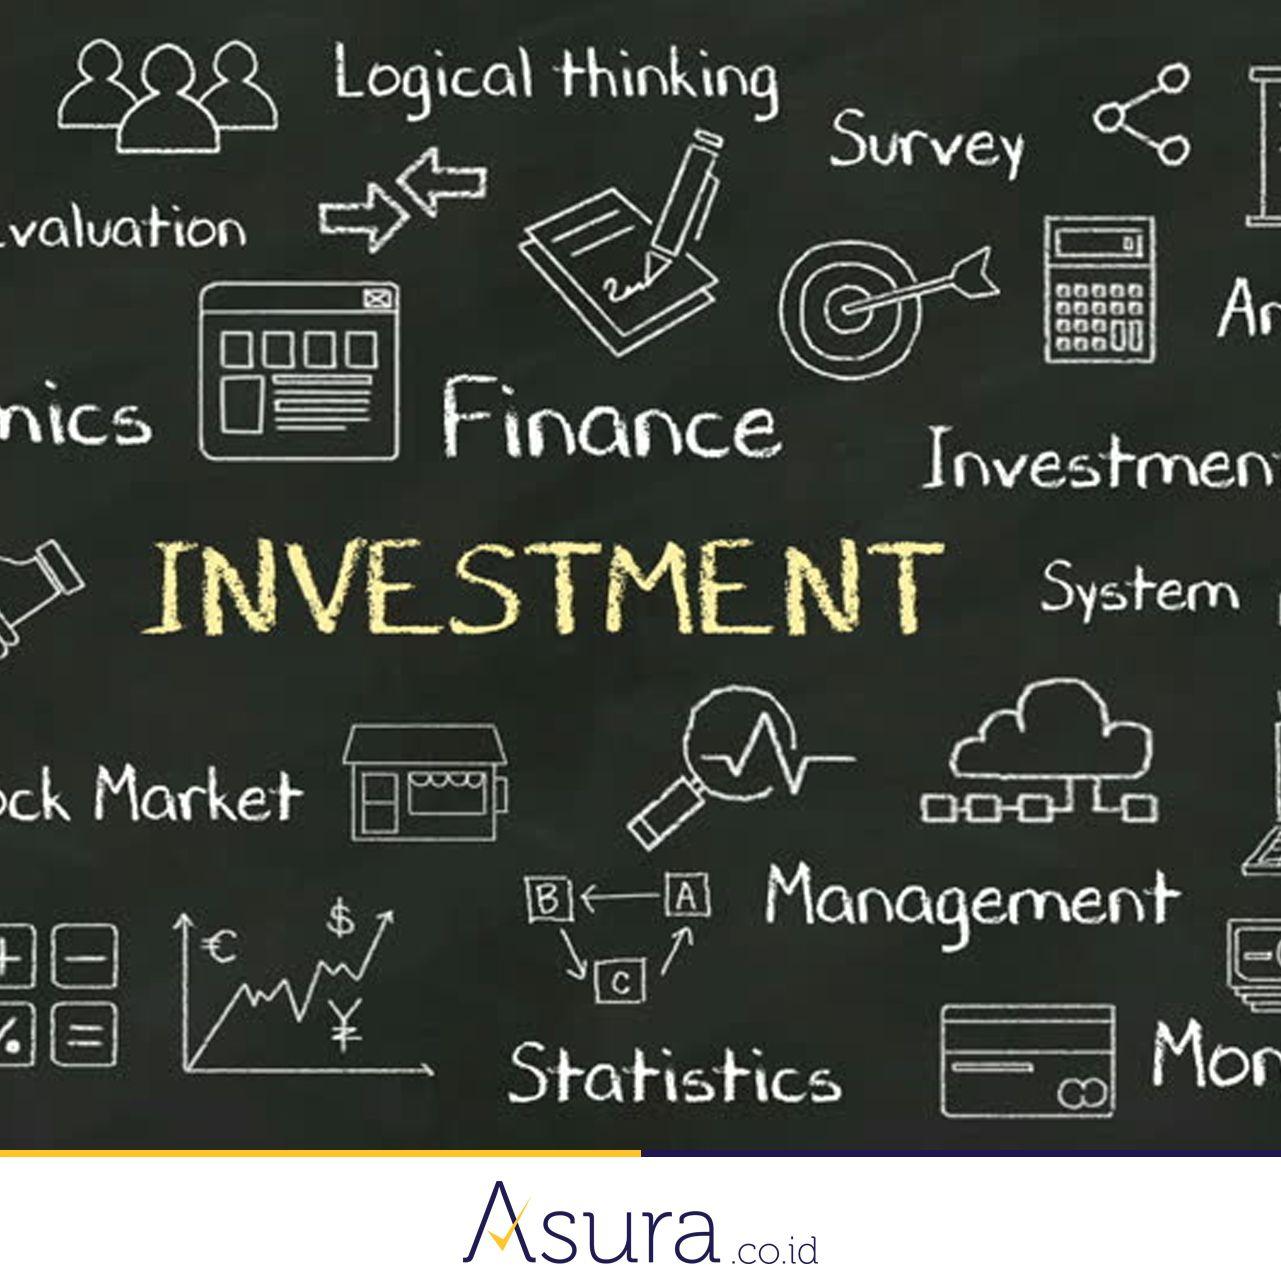 Memvariasikan investasi anda dengan diversifikasi dan realokasi memvariasikan investasi anda dengan diversifikasi dan realokasi dapat membantu simpanan uang anda tumbuh seiring berjalannya waktu ccuart Choice Image